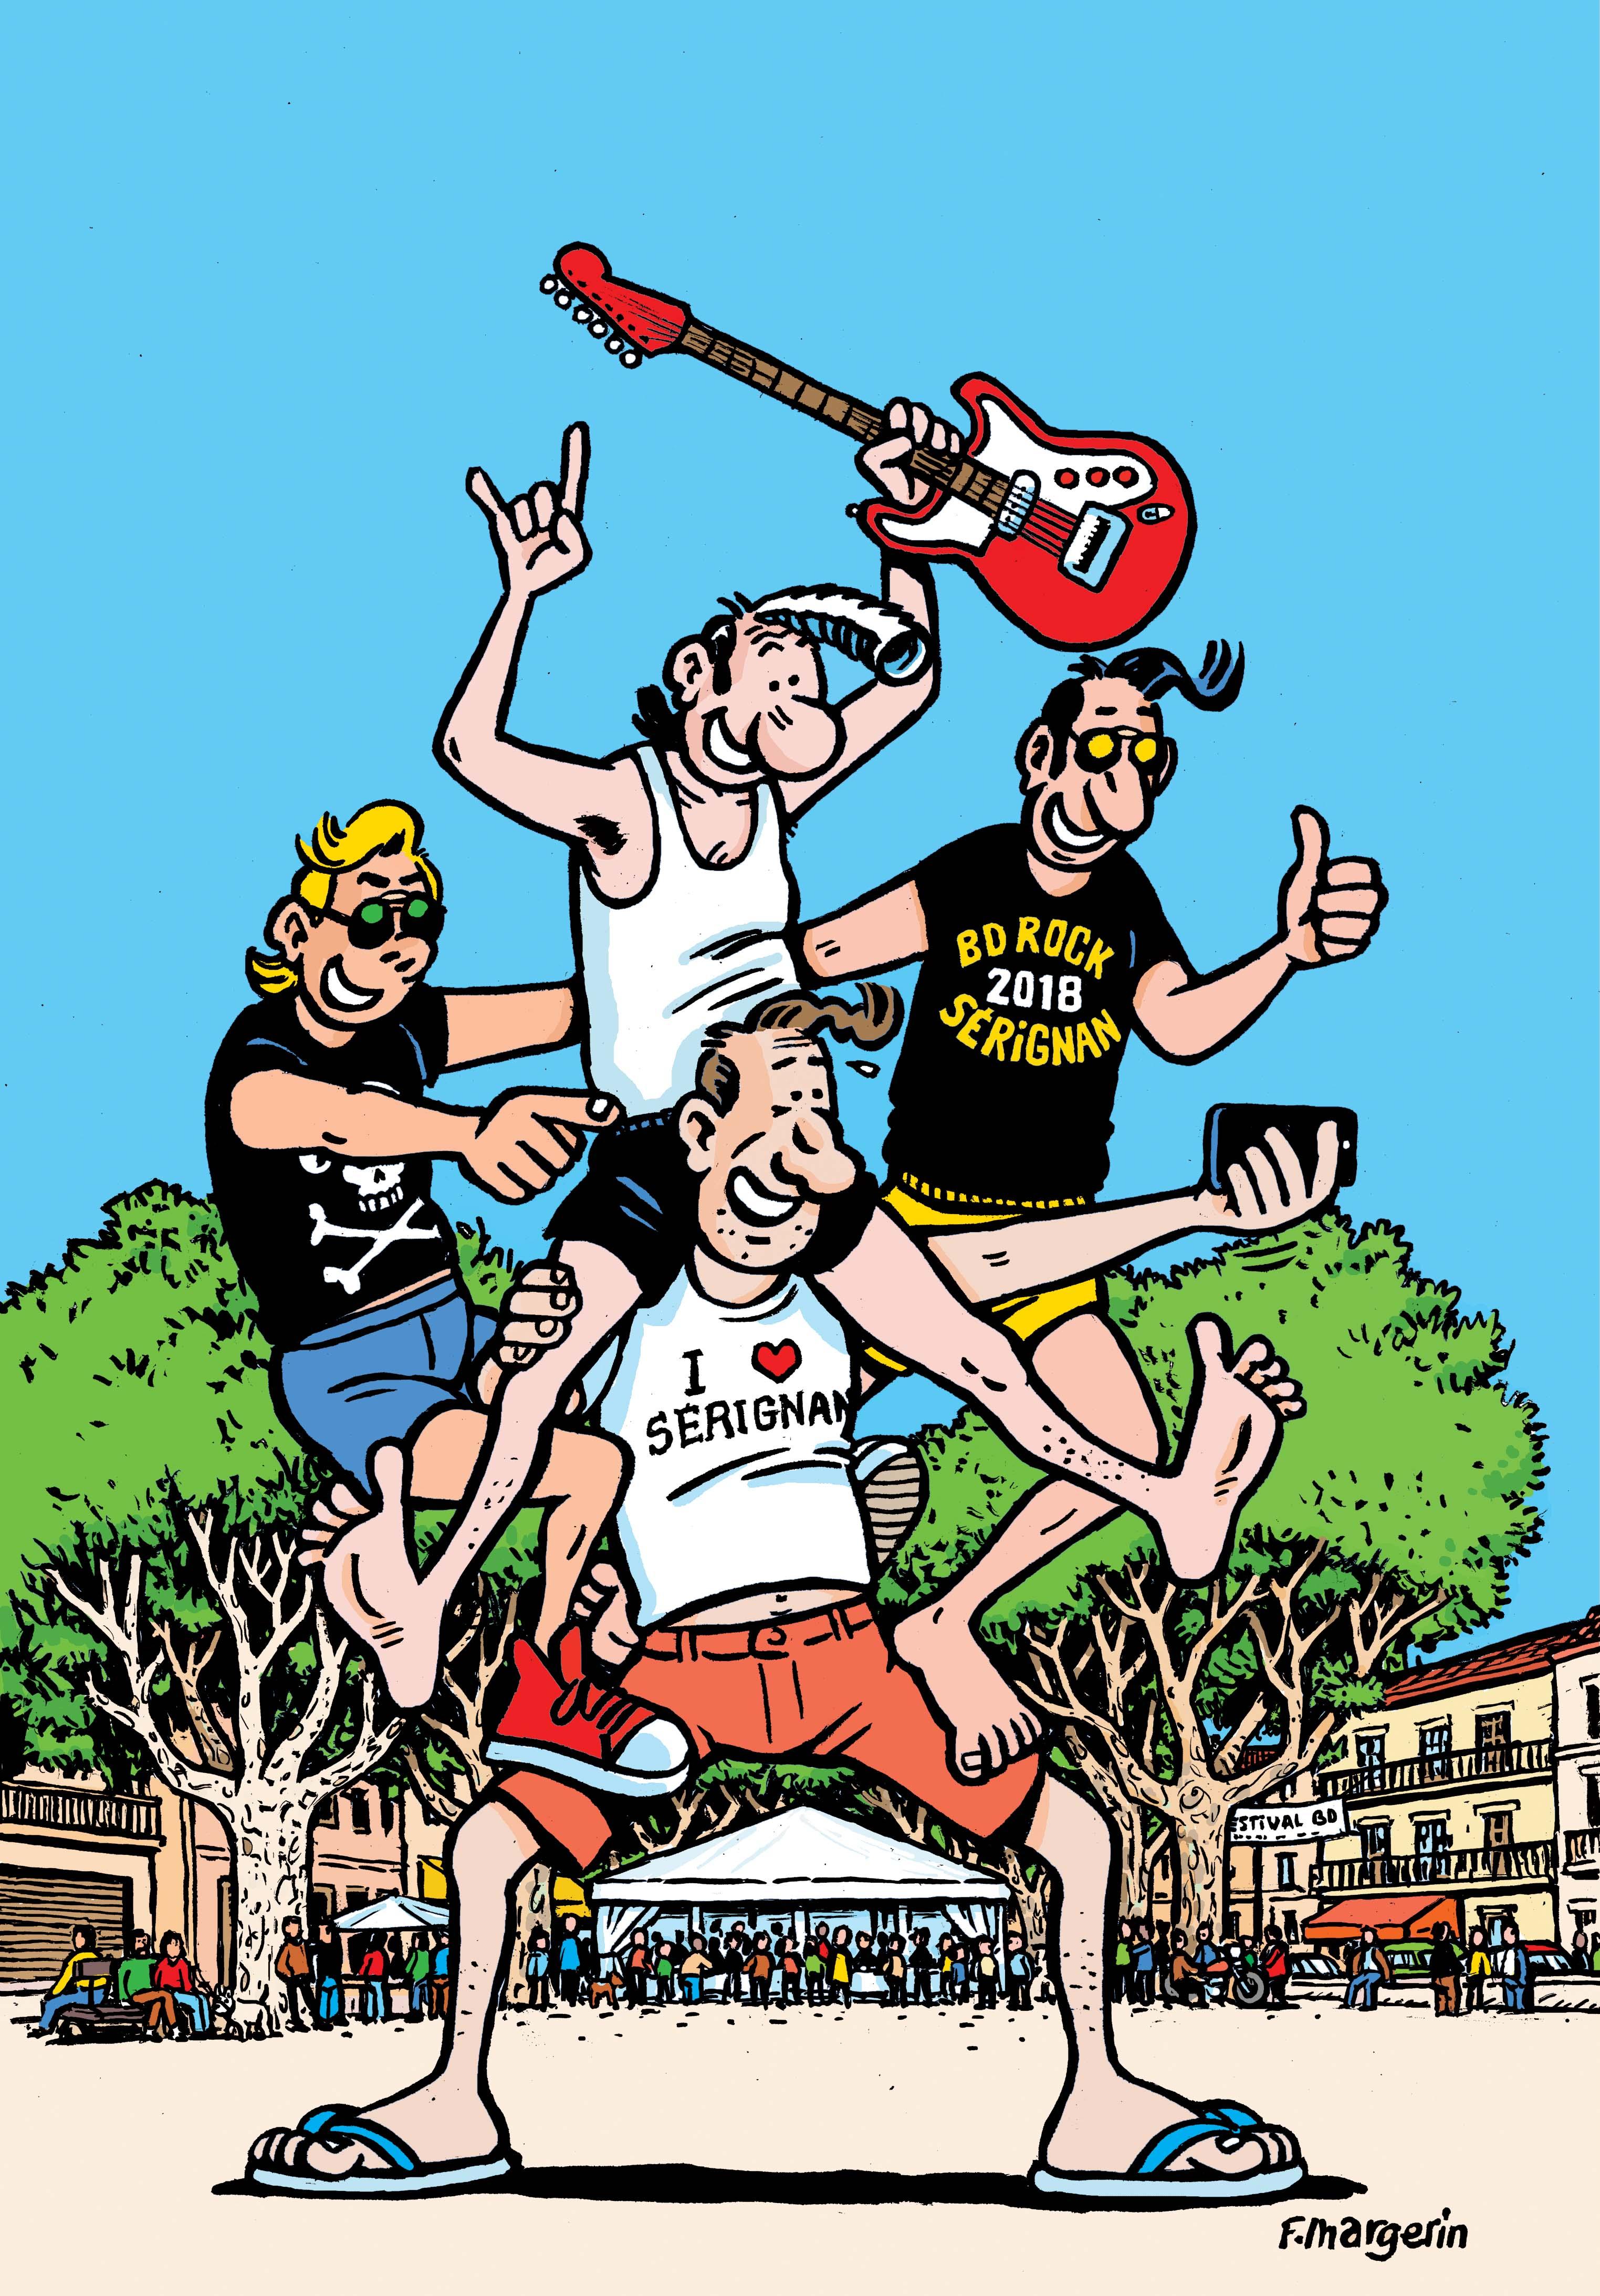 23e Festival de Sérignan, rock et BD en fête les 19 et 20 mai avec Gibrat, Margerin, Cabanes, Labiano